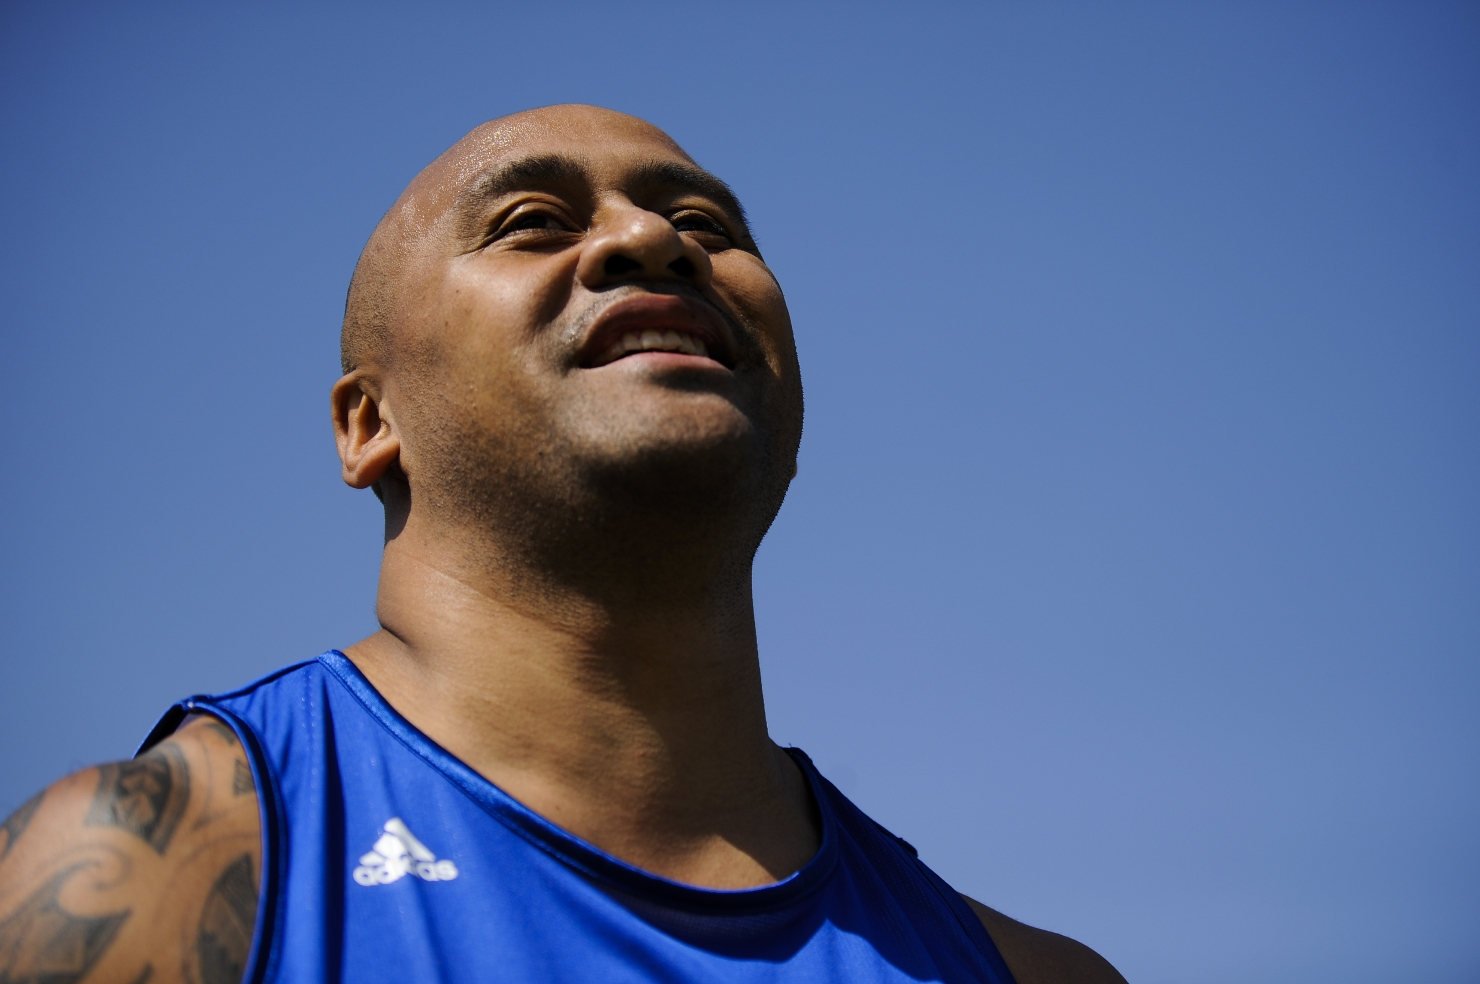 Jonah Lomu, omul care a schimbat definitiv și ireversibil rugby-ul